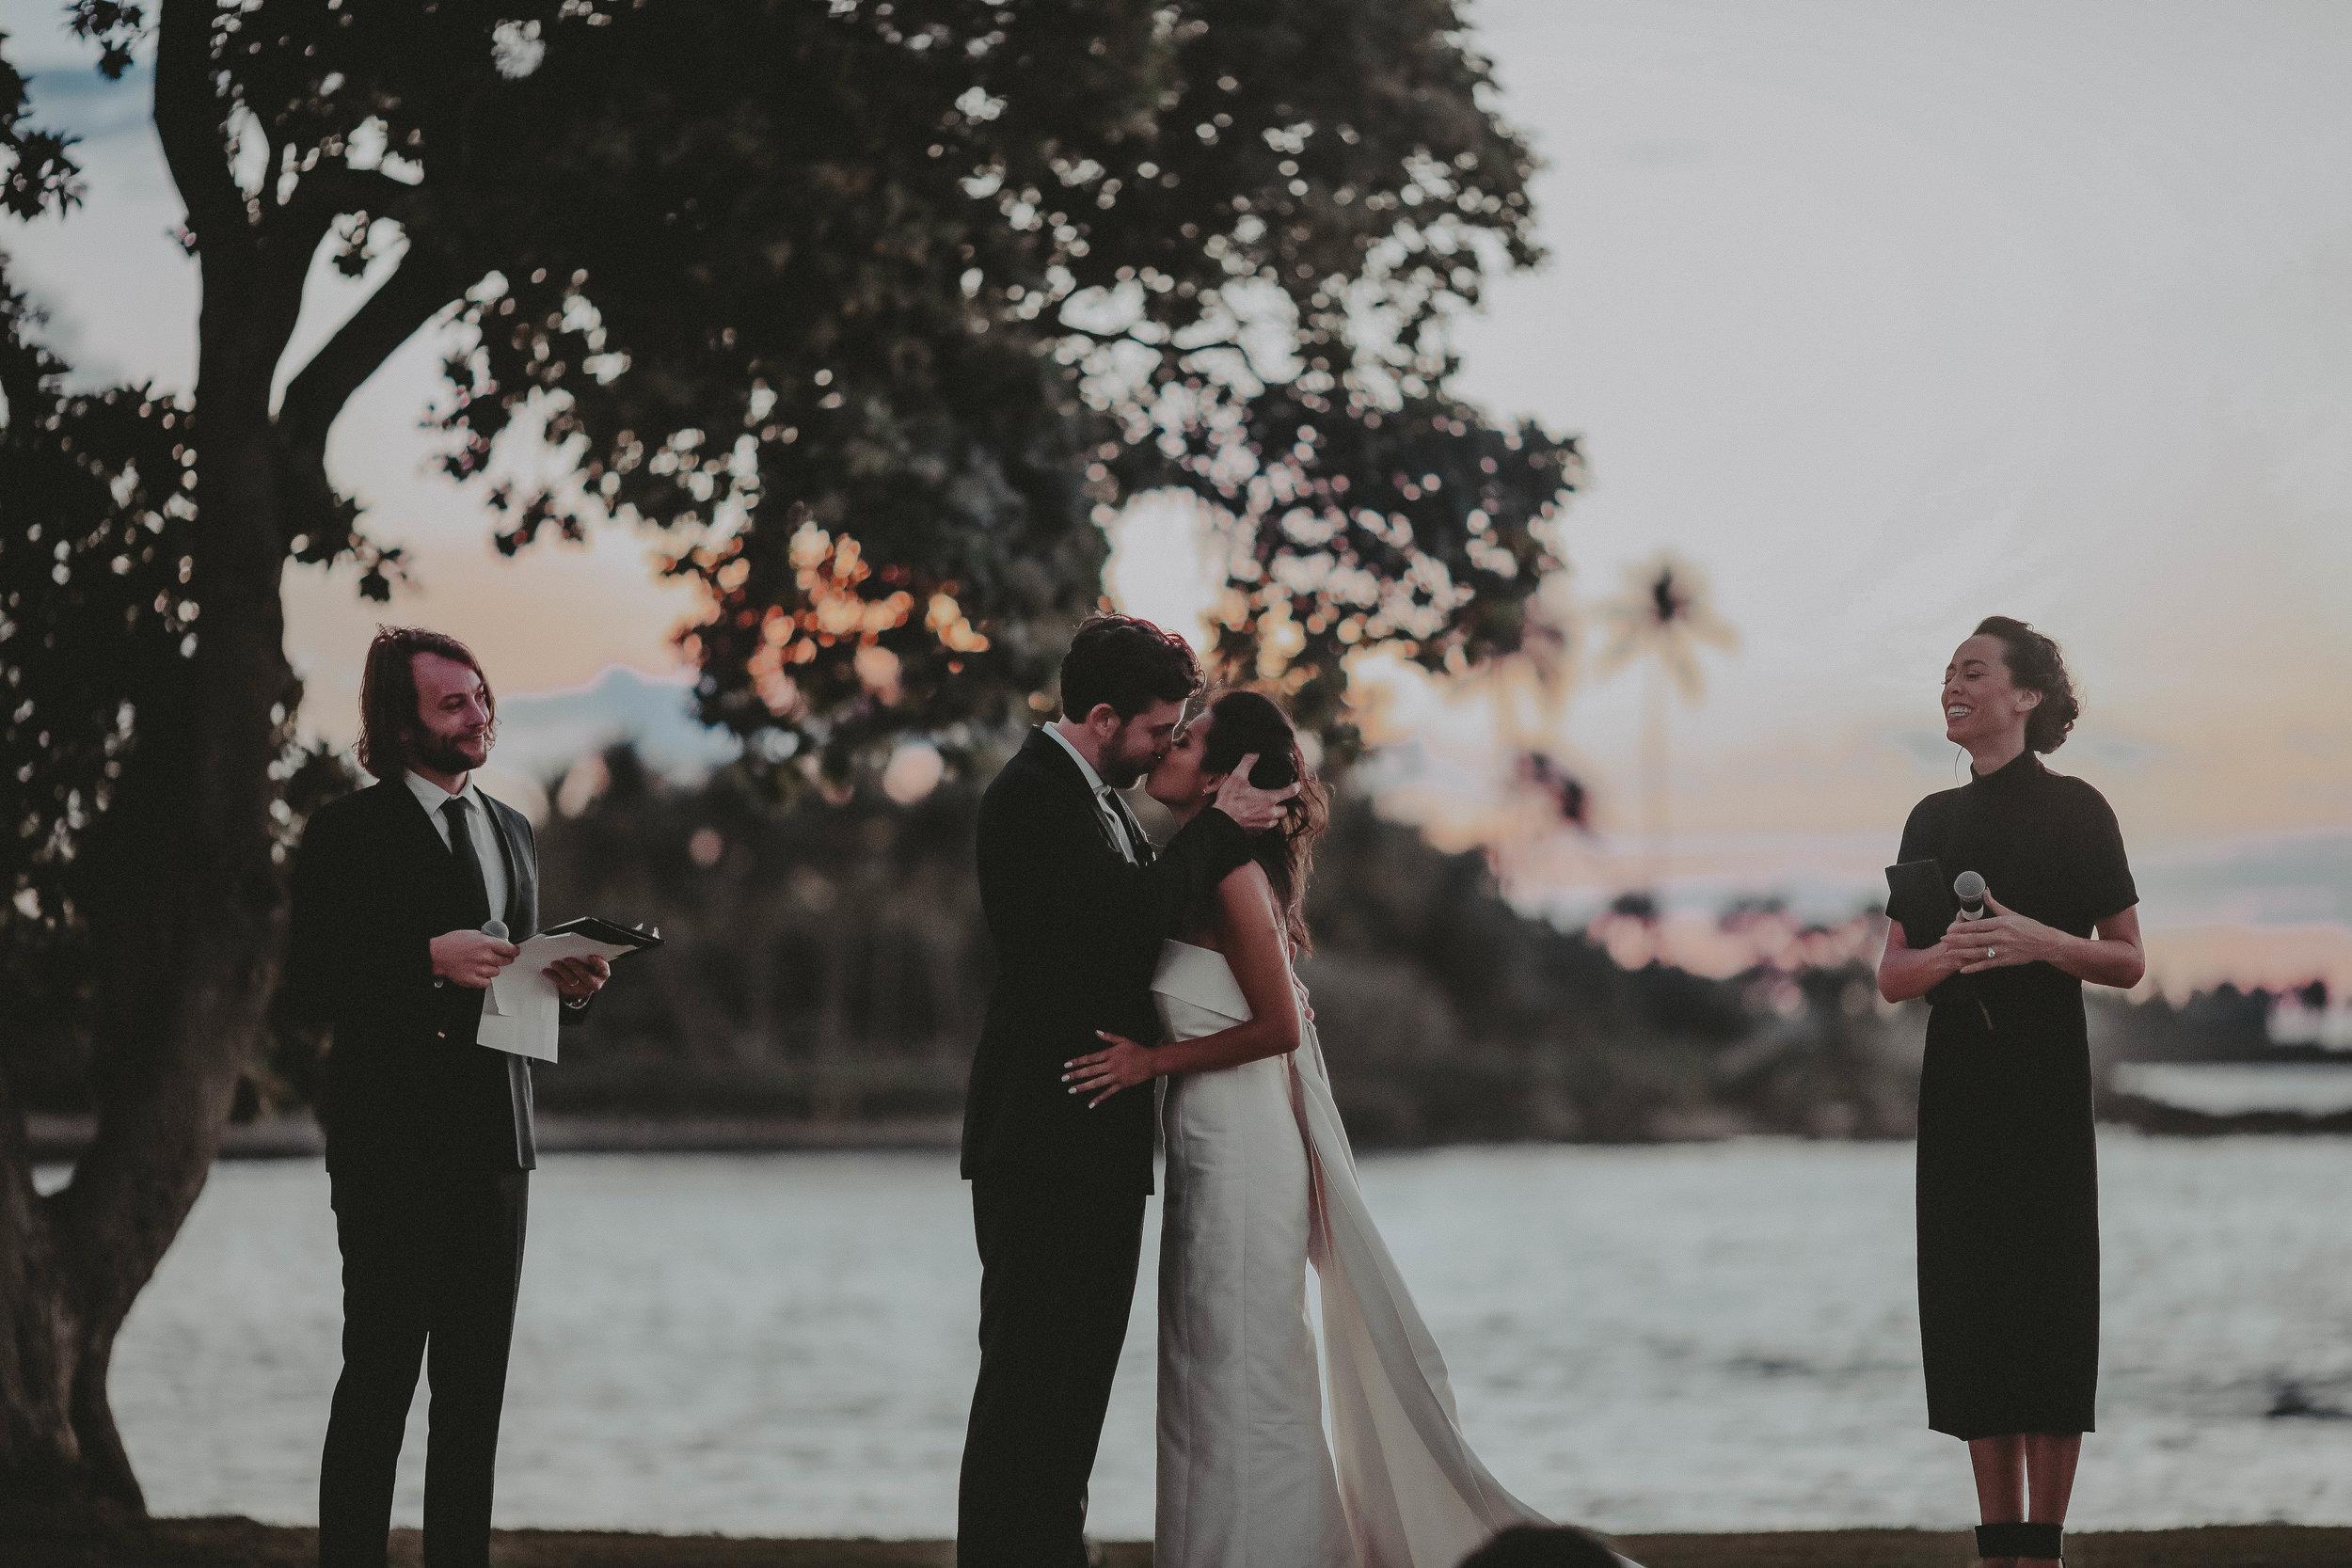 wedding20184M3A2342.jpg